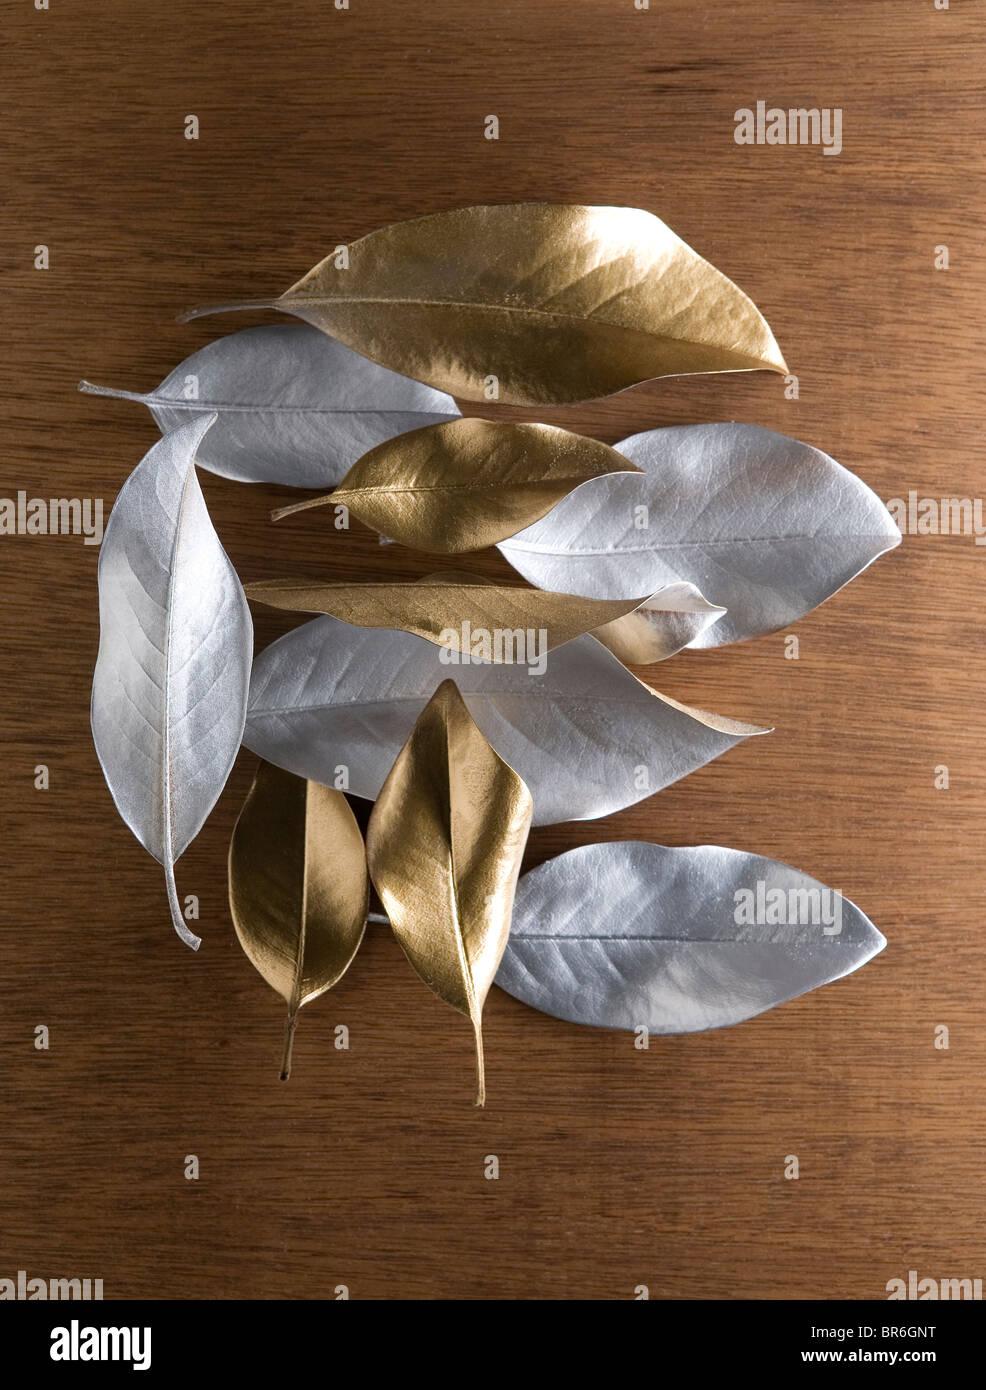 Variedad de hojas de oro y plata Imagen De Stock